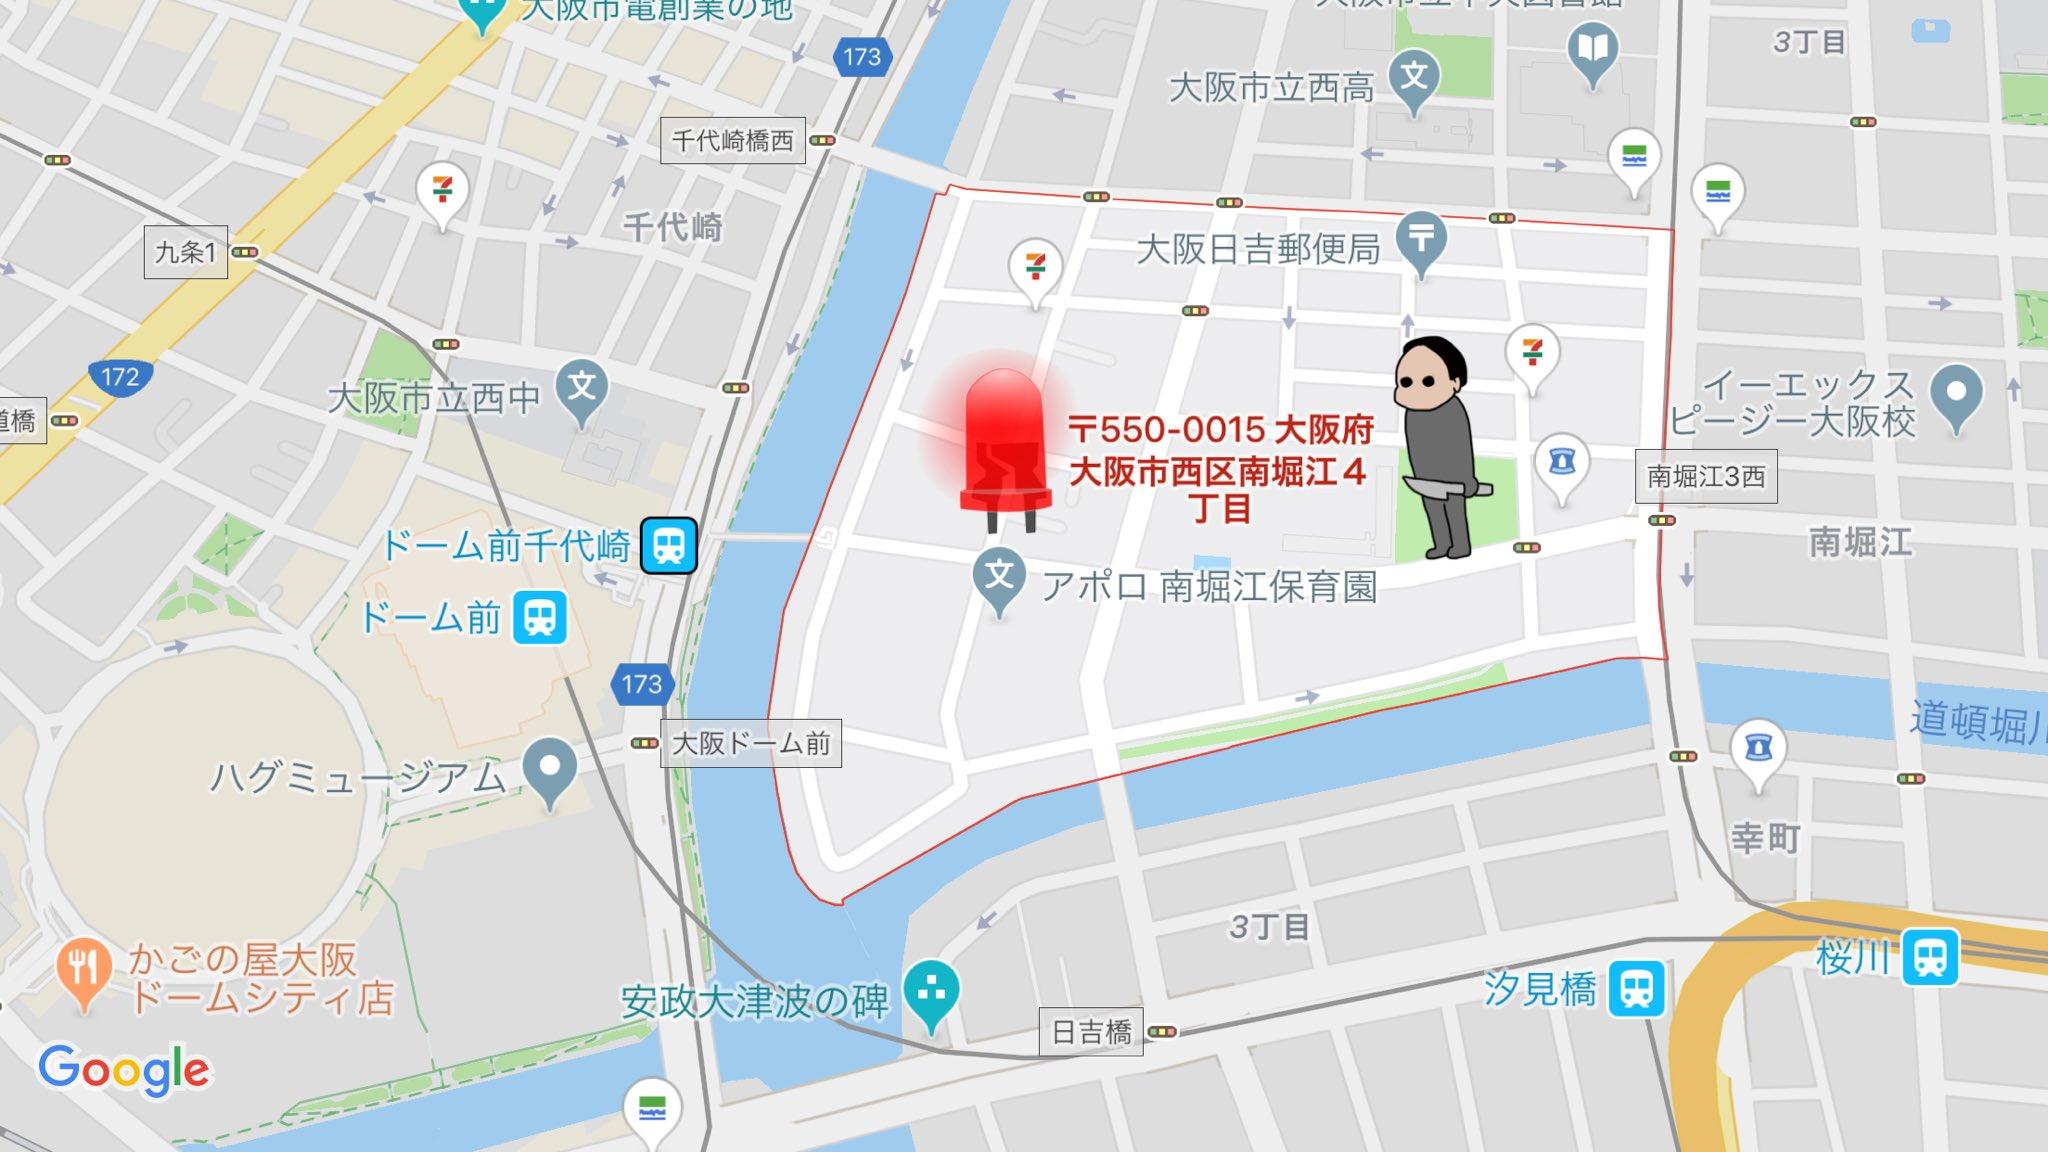 画像,【大阪府】強盗殺人未遂容疑事件の発生🚨きょう(20日)午前2時55分ごろ、大阪市西区にあるマンションの一室に男が侵入し、刃物のような物で女性にケガを負わせ逃走。…